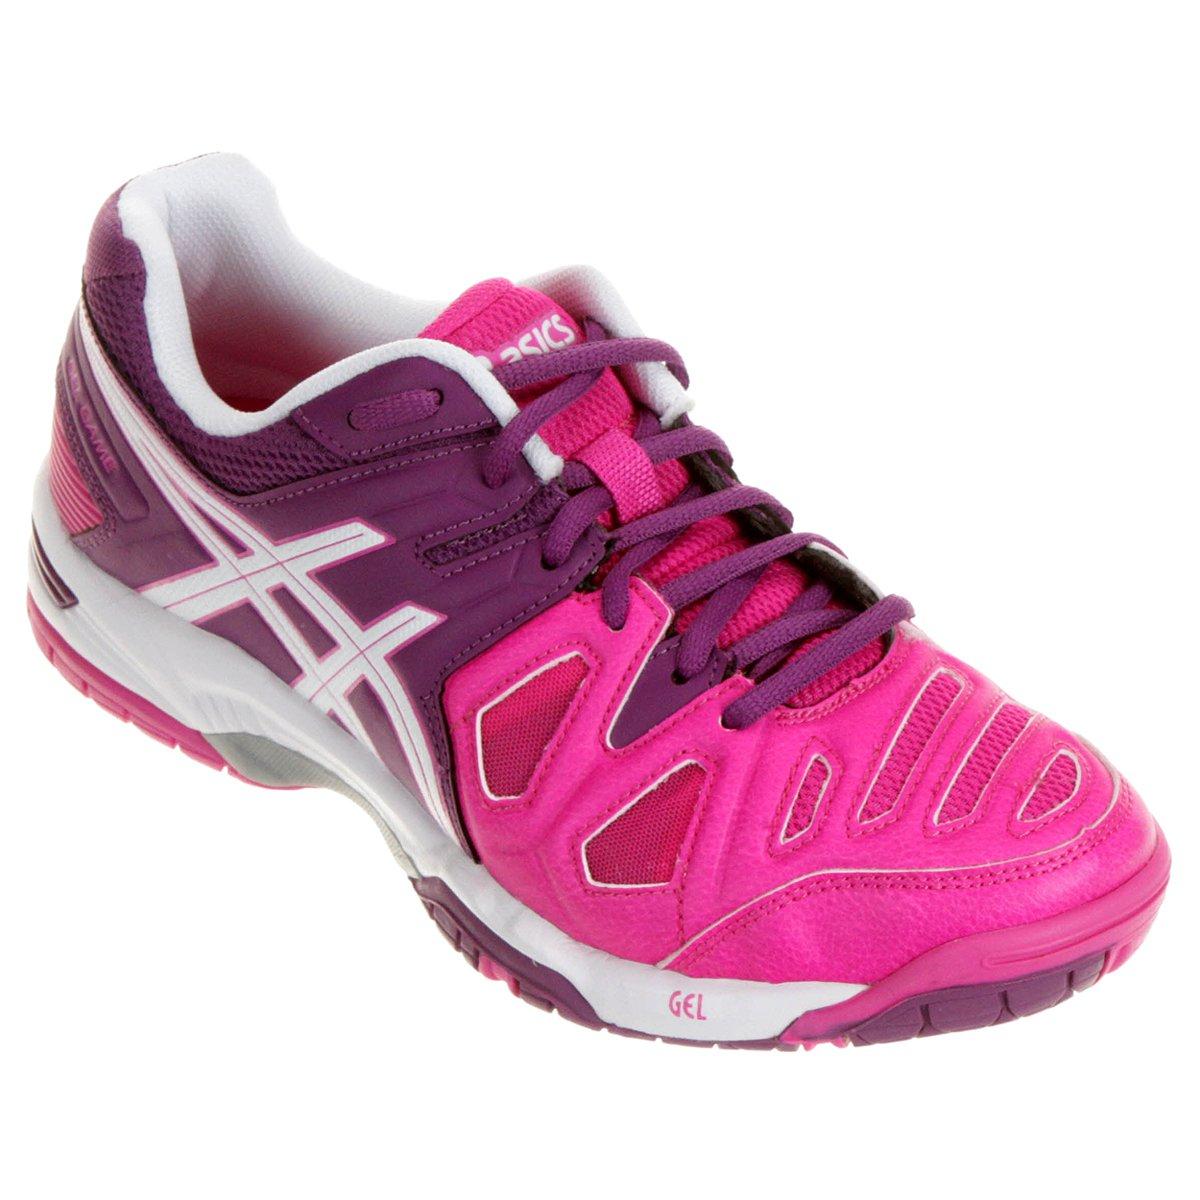 Tênis Asics Gel Game 5 - Pink e Roxo - Compre Agora  9c4af63999539